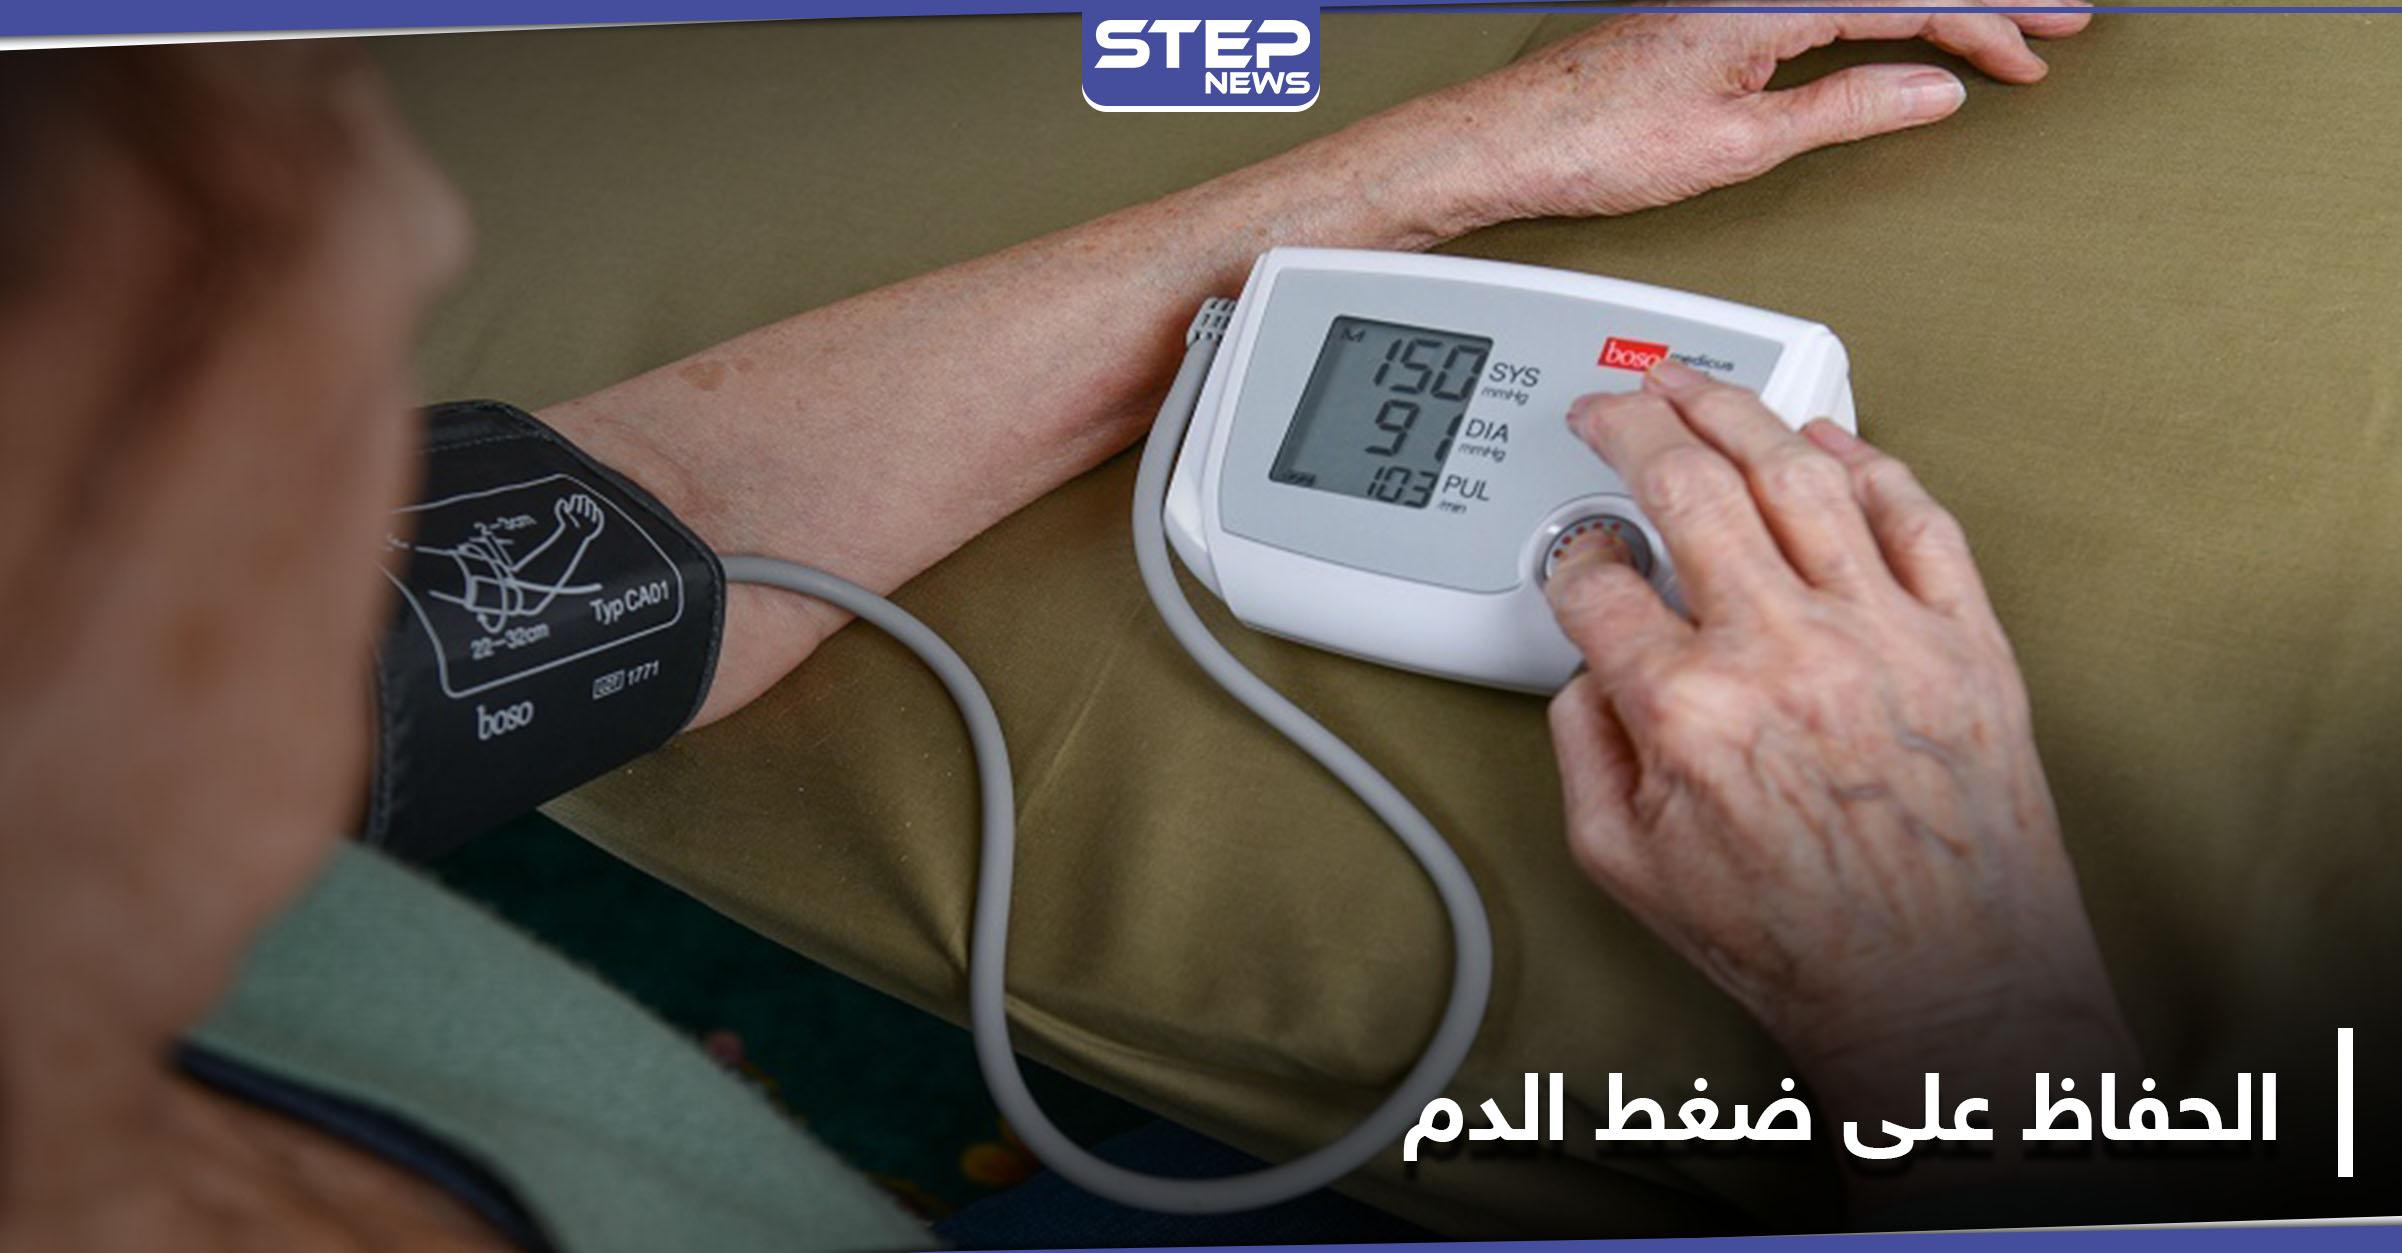 7 خطوات بسيطة من أجل الحفاظ على مستوى ضغط الدم